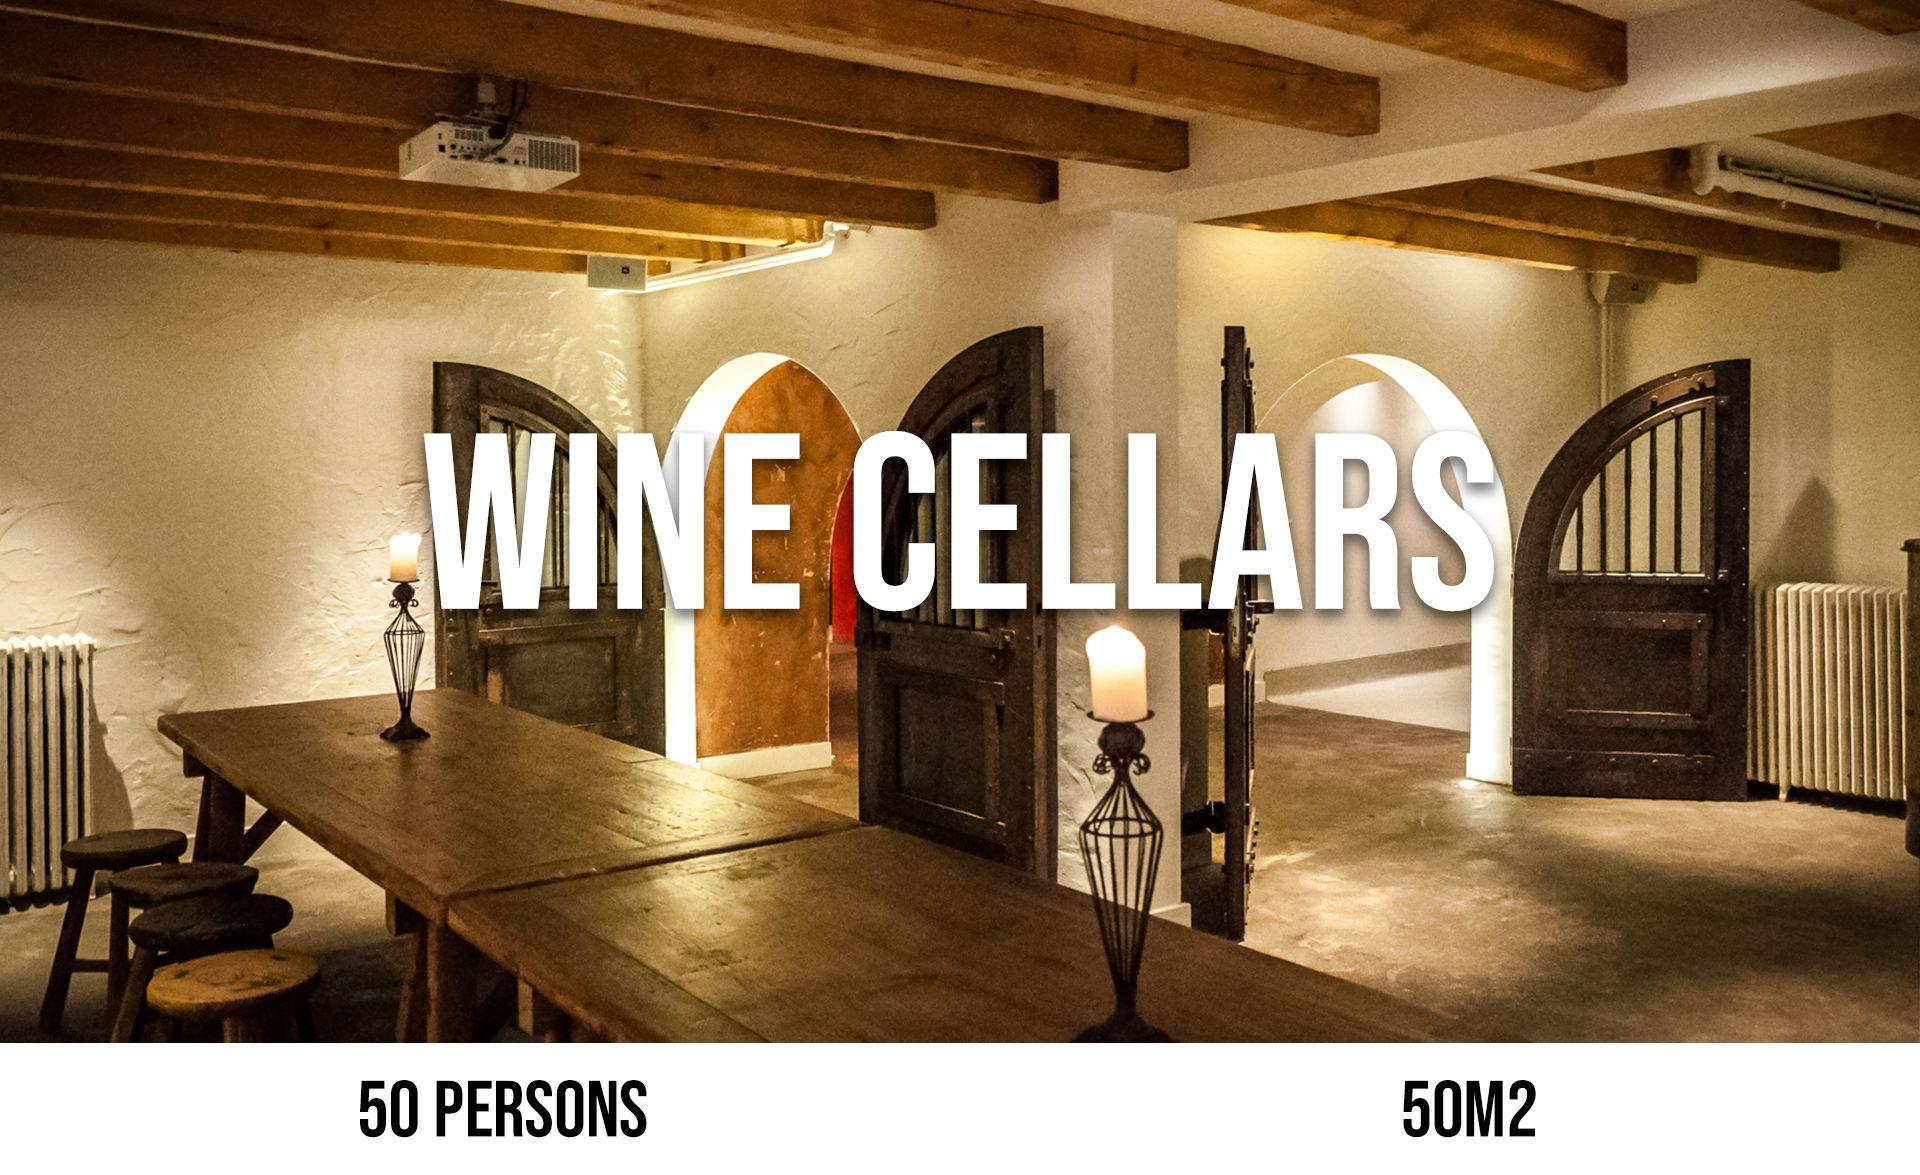 Wine Cellars (maximum 50 persons, area 50 m²)